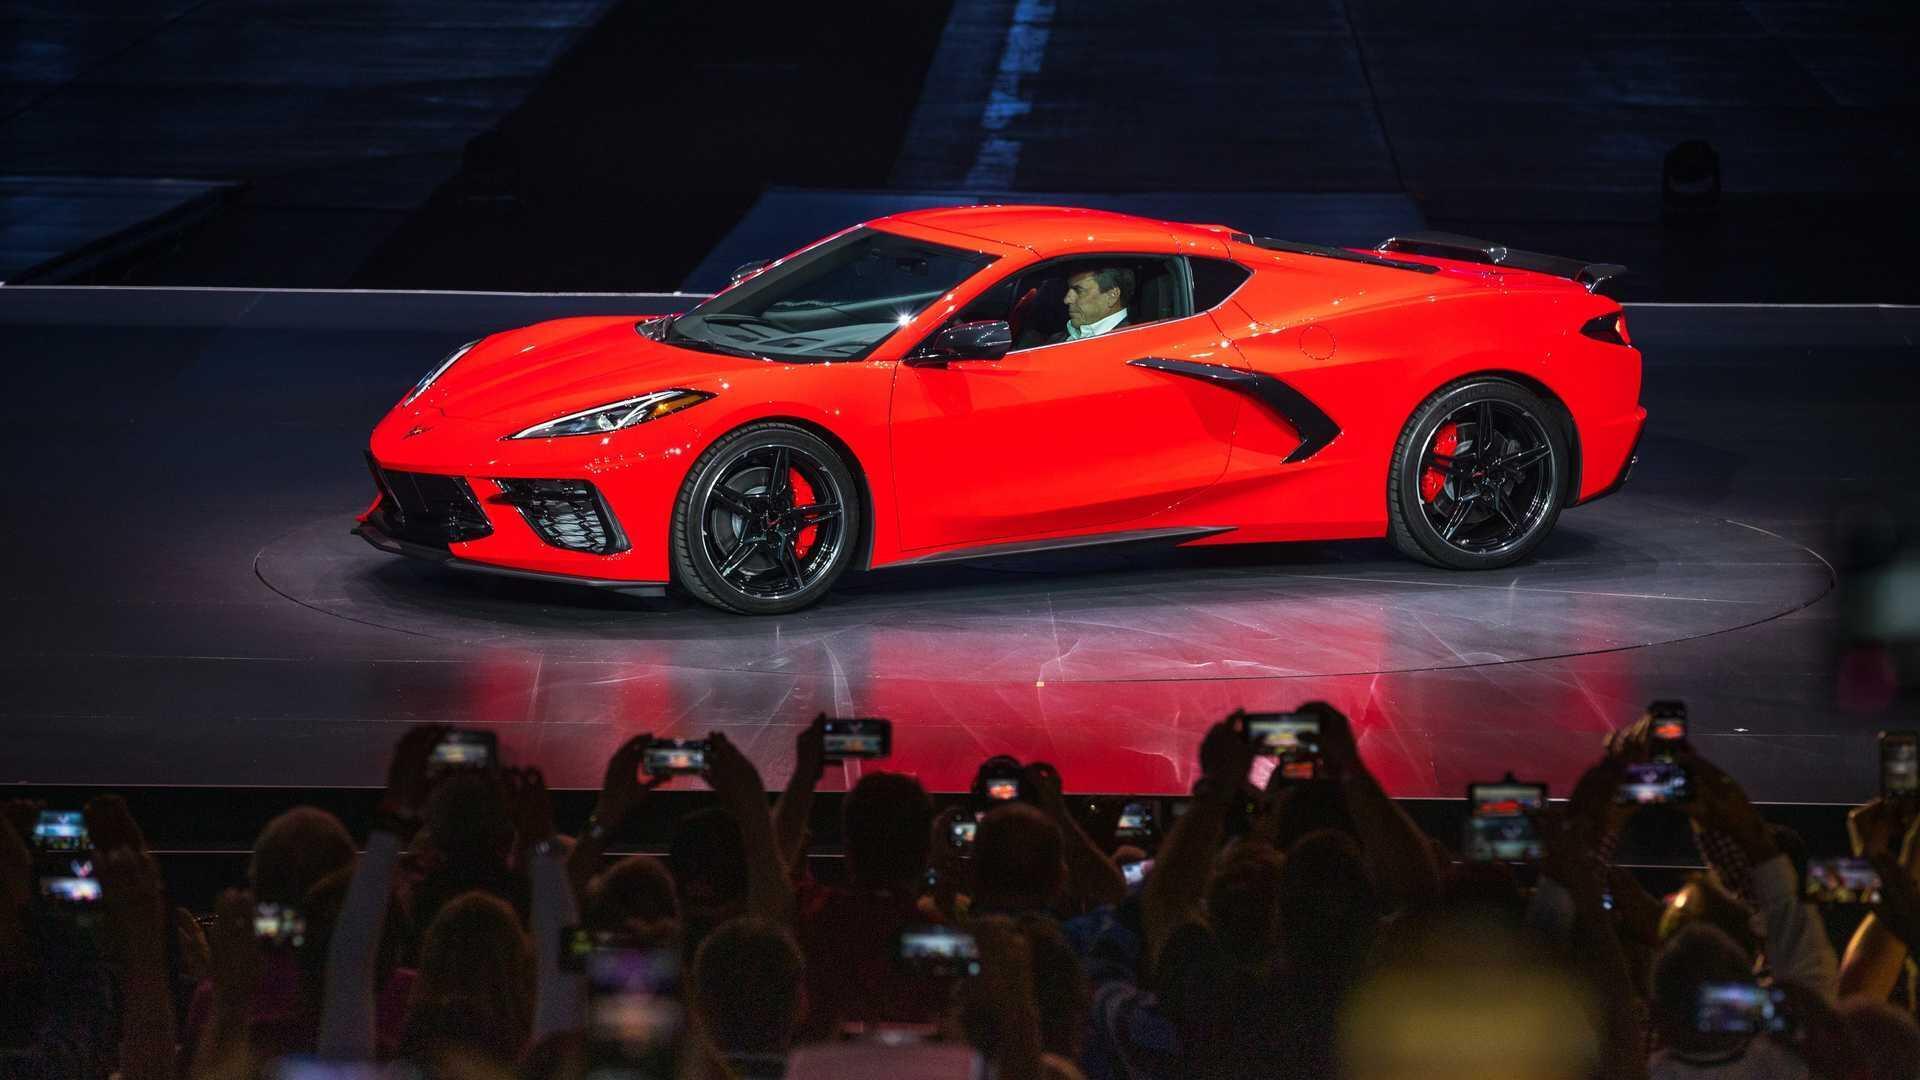 https://cdn.dailyxe.com.vn/image/chevrolet-corvette-2020-co-mot-so-tinh-nang-an-tuyet-voi-9-94508j2.jpg